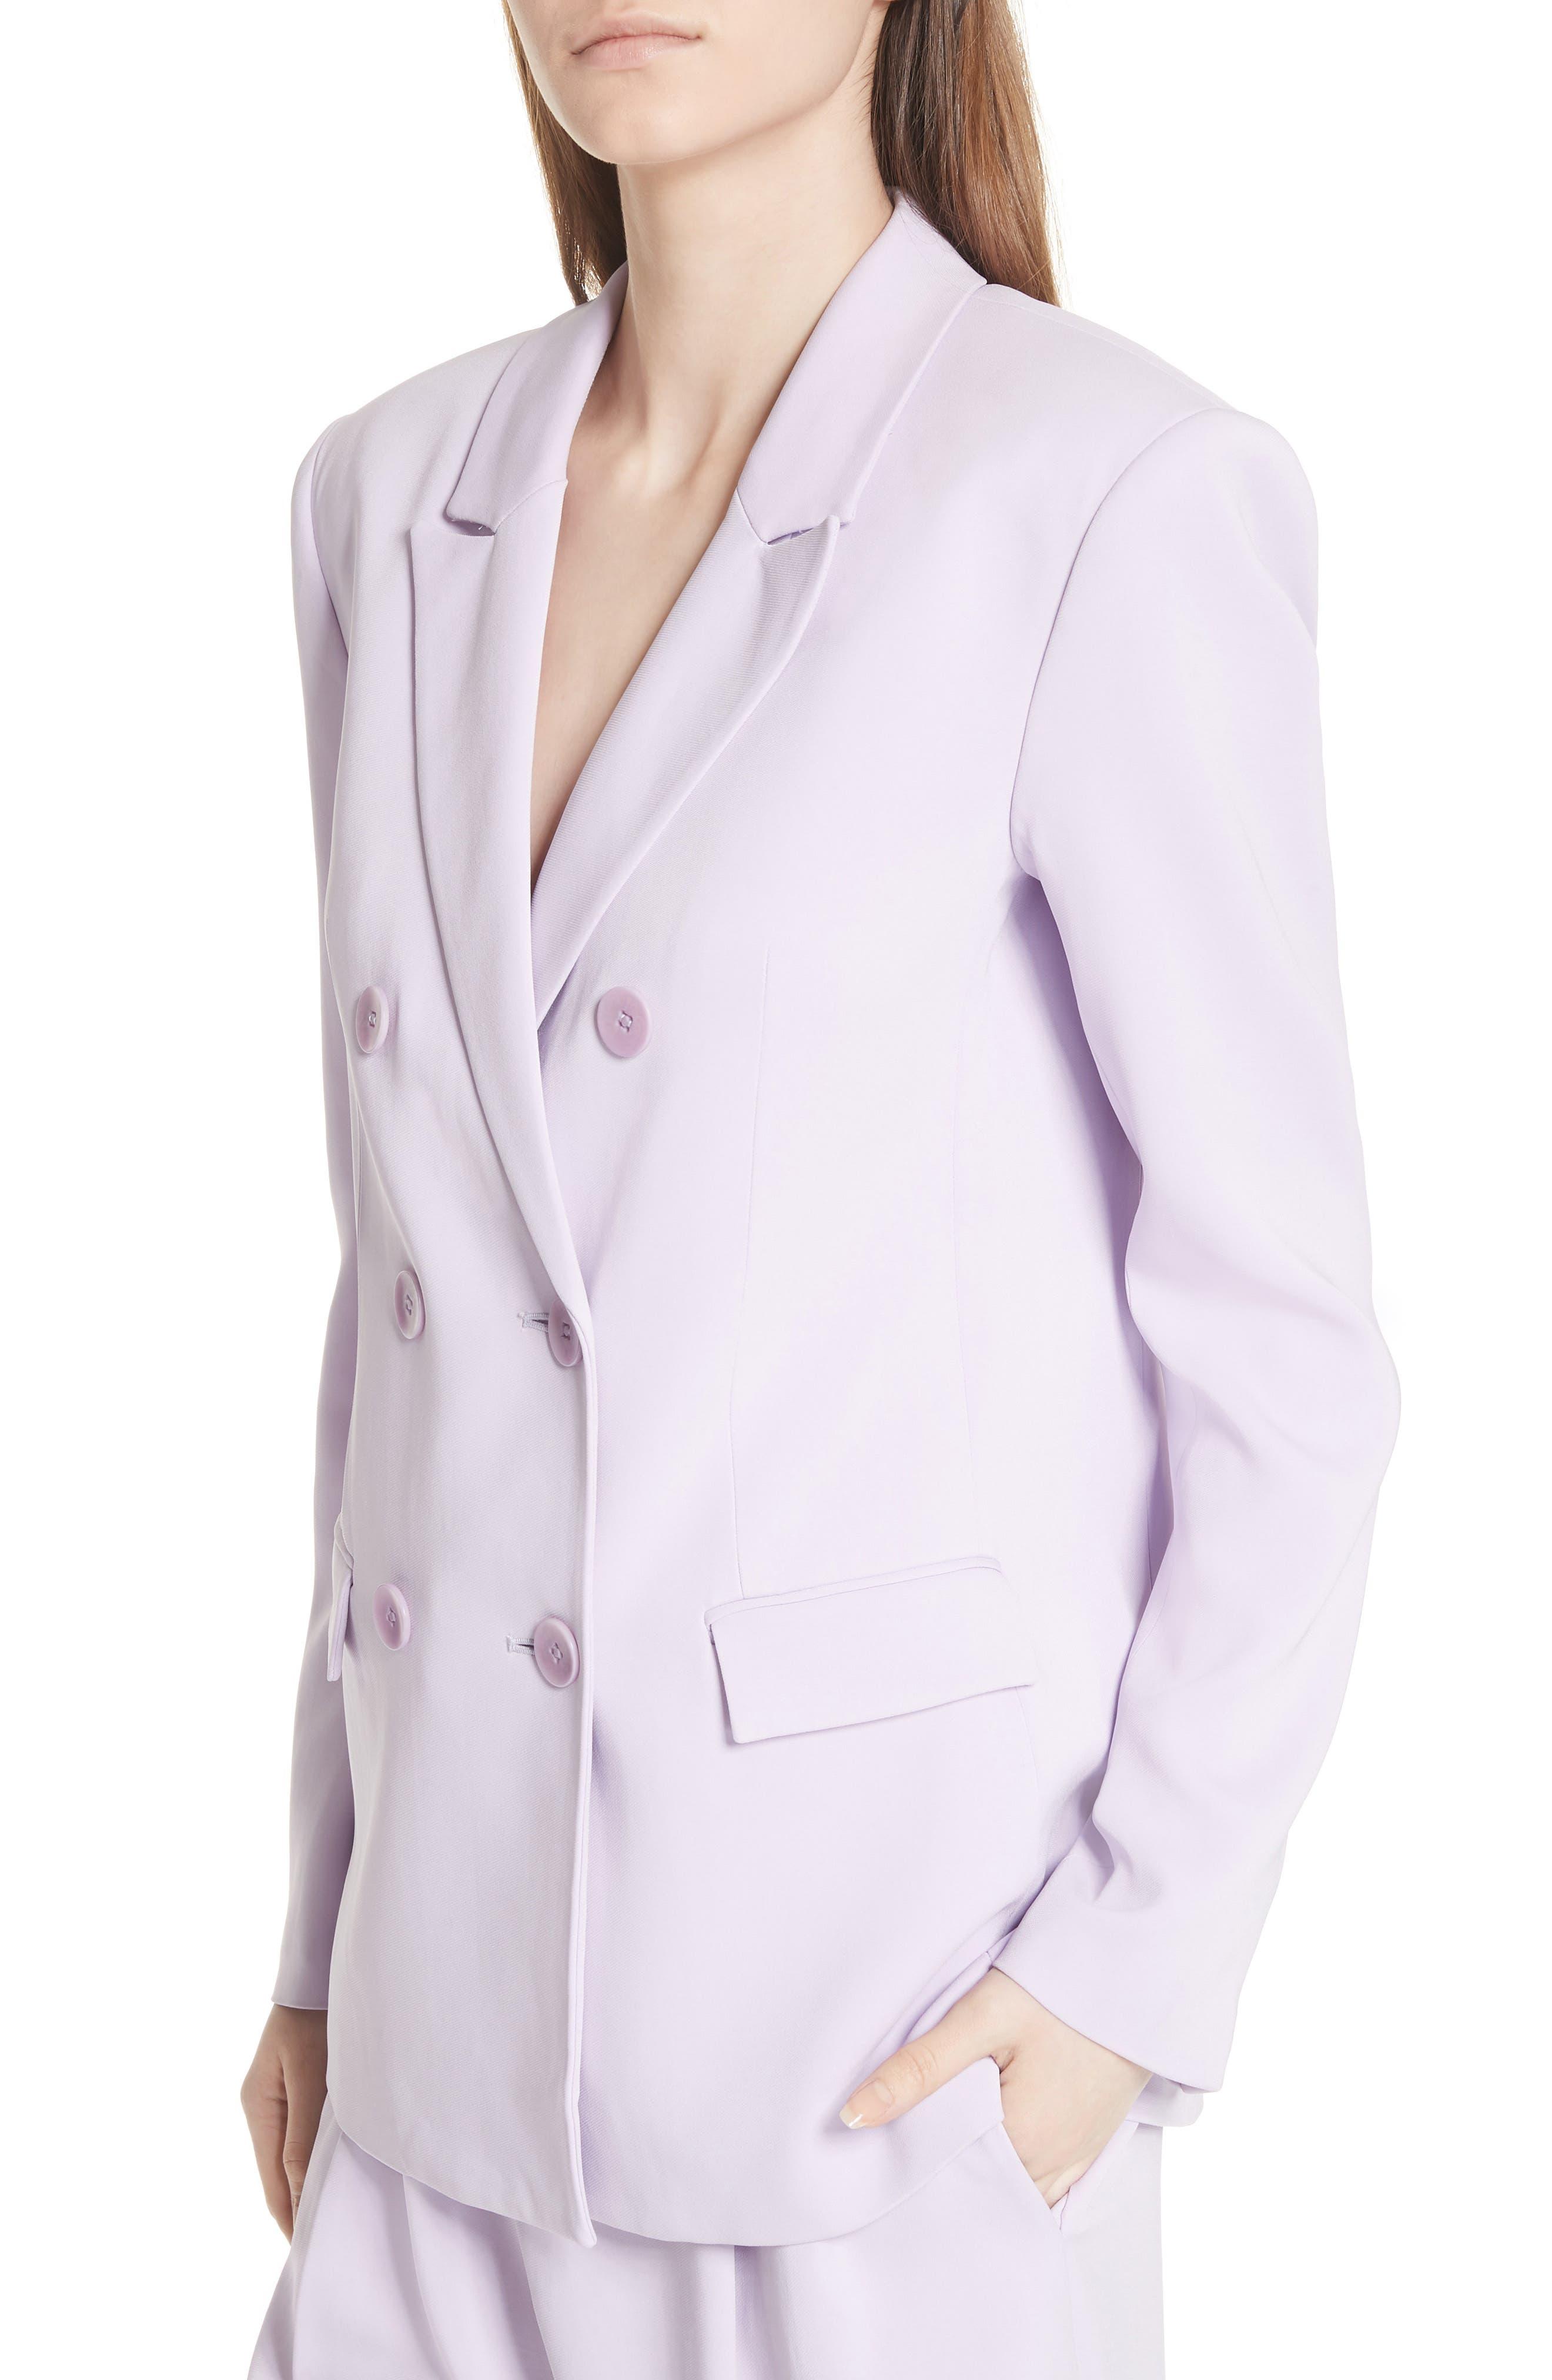 Steward Suit Jacket,                             Alternate thumbnail 4, color,                             Lavender